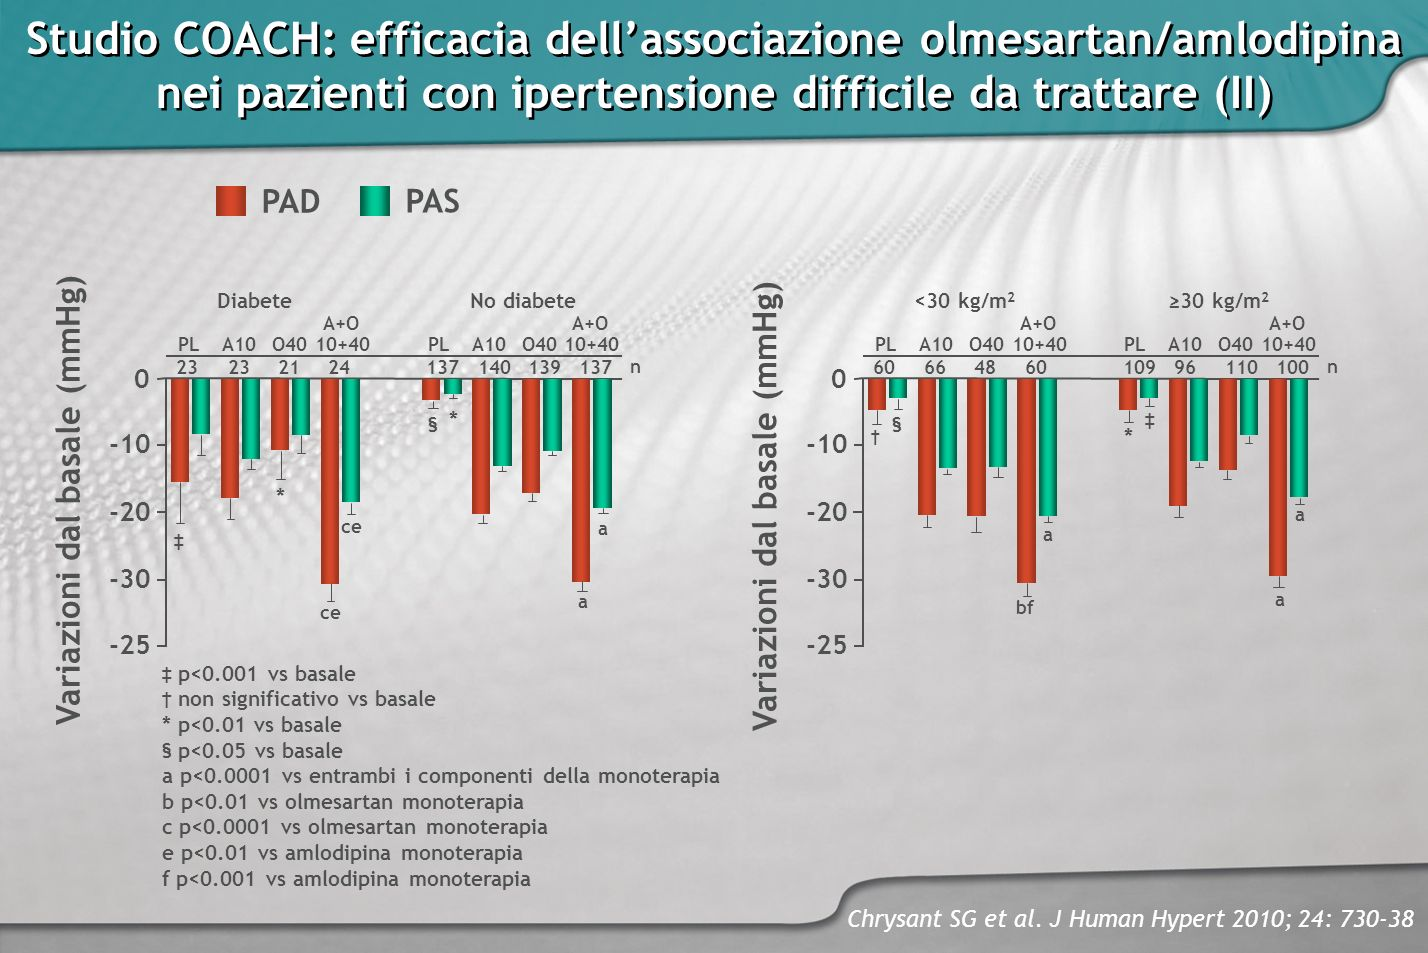 Studio COACH: efficacia dell'associazione olmesartan/amlodipina nei pazienti con ipertensione difficile da trattare (II)